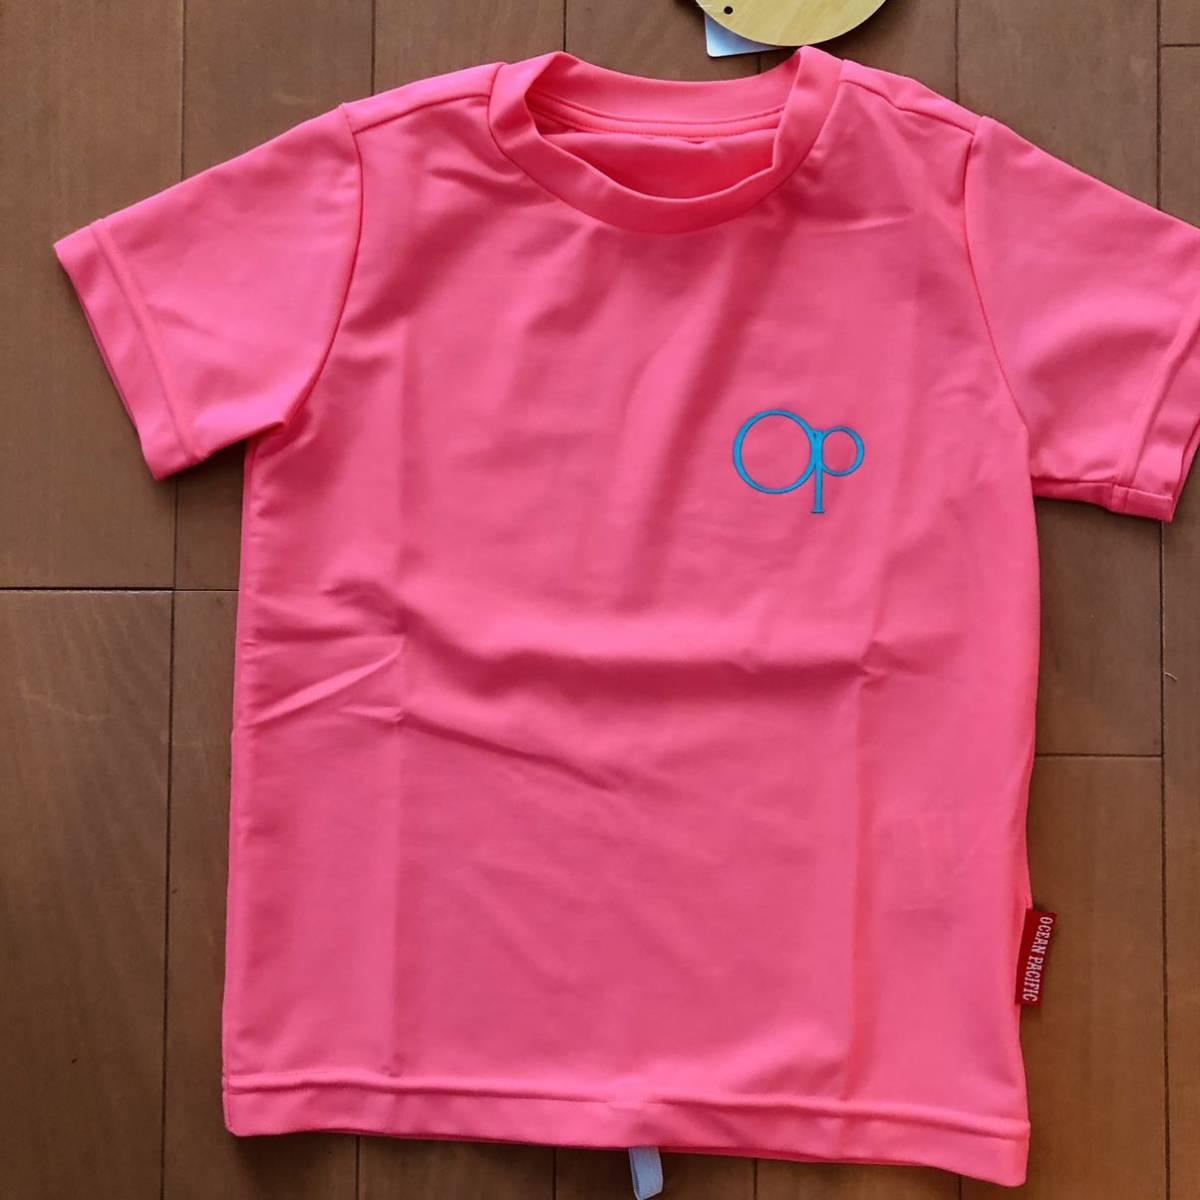 ラッシュガード 子供 110cm 蛍光色 水着 男の子 女の子 サーフシャツ 子供用サーフTシャツ_画像4